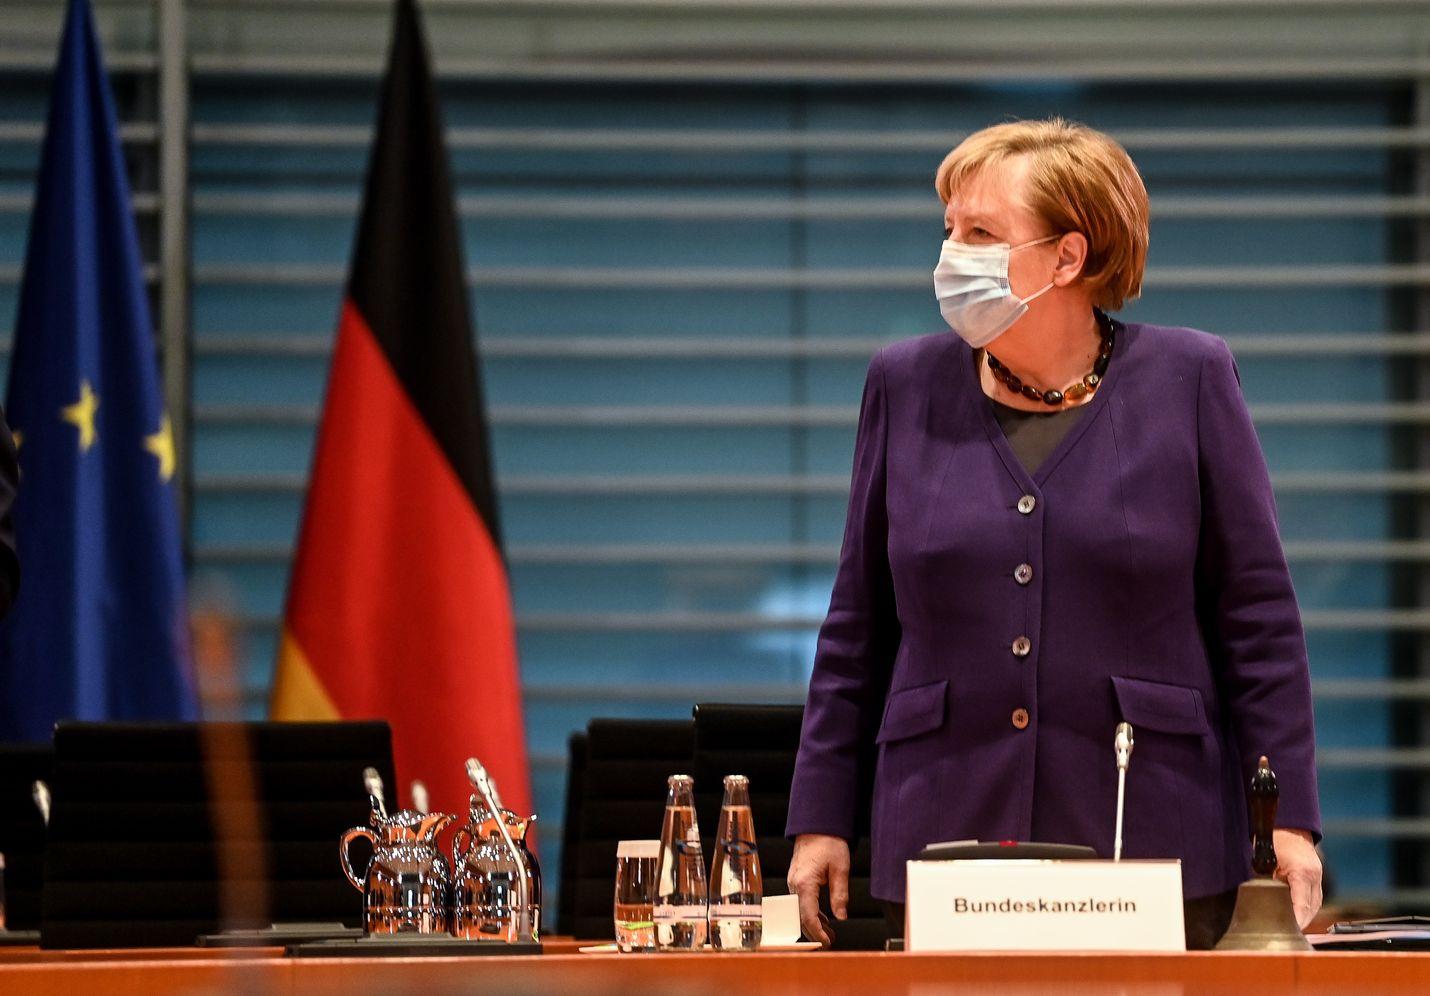 Saksan liittokansleri Angela Merkel väläytti maanantaina kompromissia, jotta EU-budjetti ja elvytyspaketti saadaan hyväksyttyä.